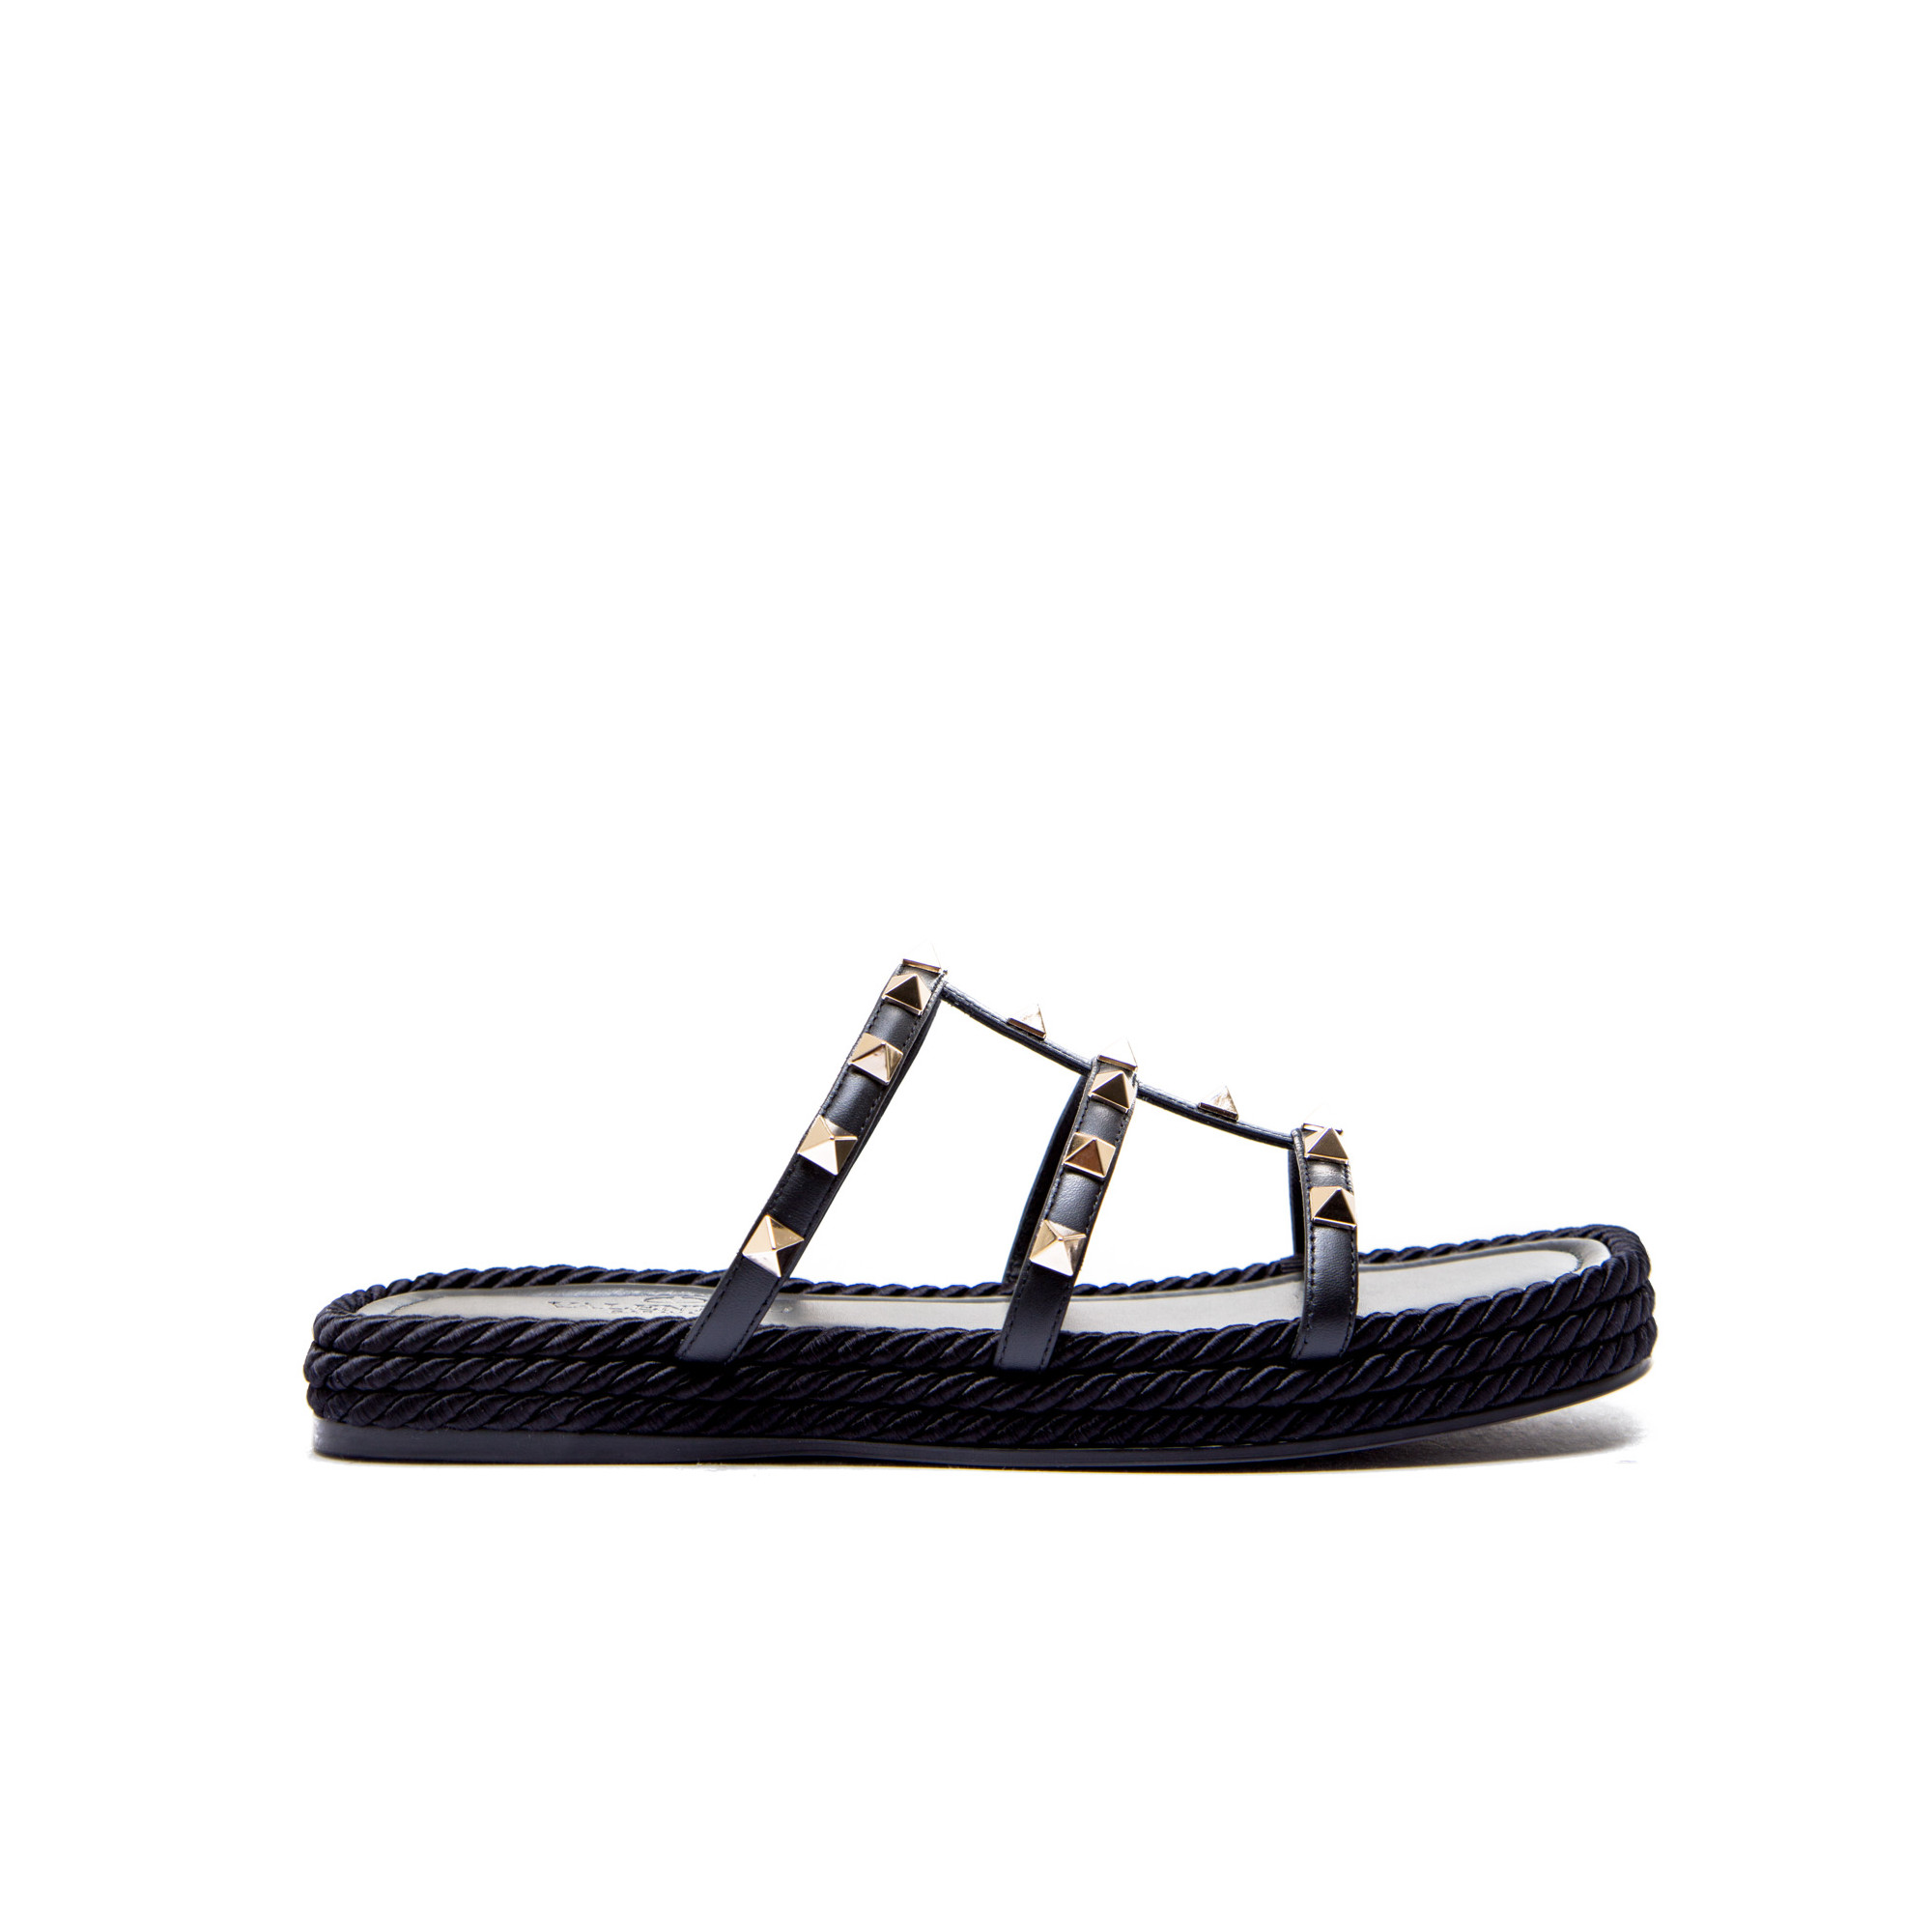 919376a4880d34 Valentino Garavani sandal black Valentino Garavani sandal black -  www.derodeloper.com - Derodeloper ...